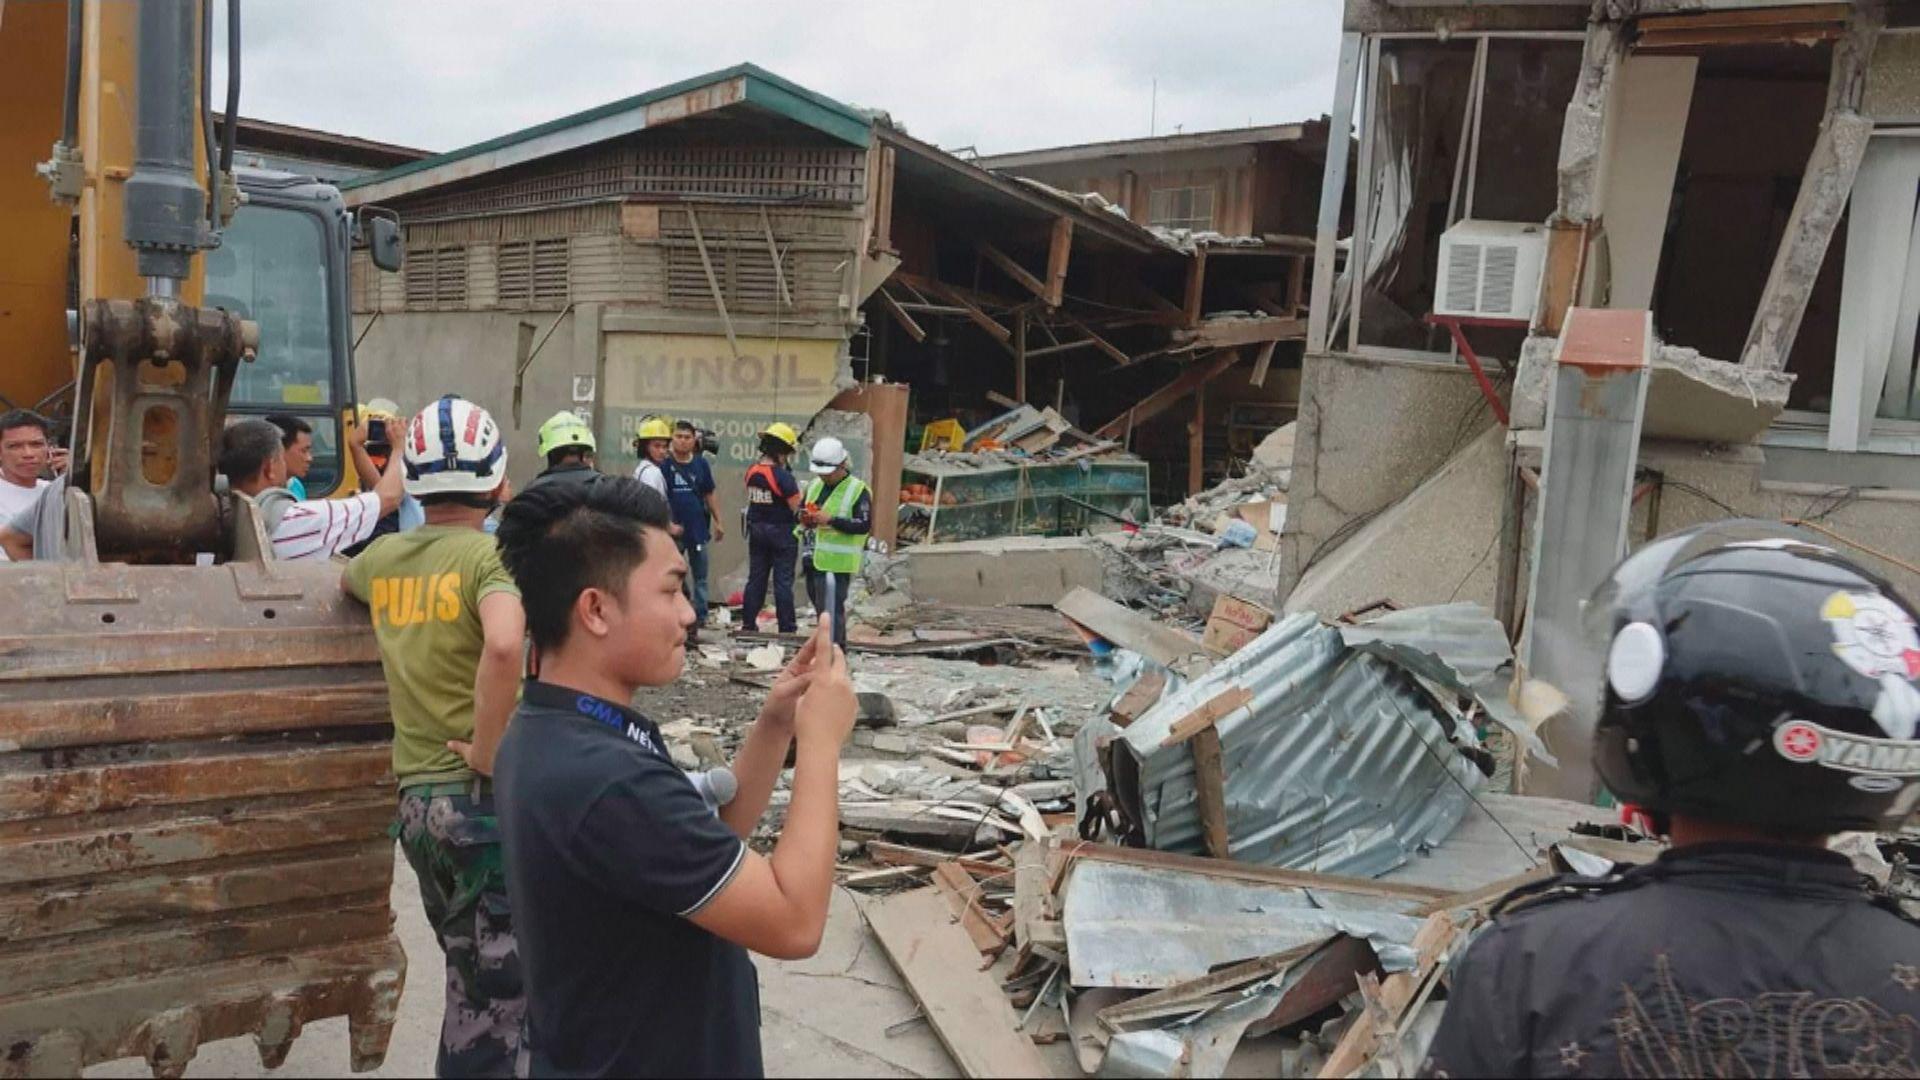 菲律賓棉蘭老島6.8級地震至少四死